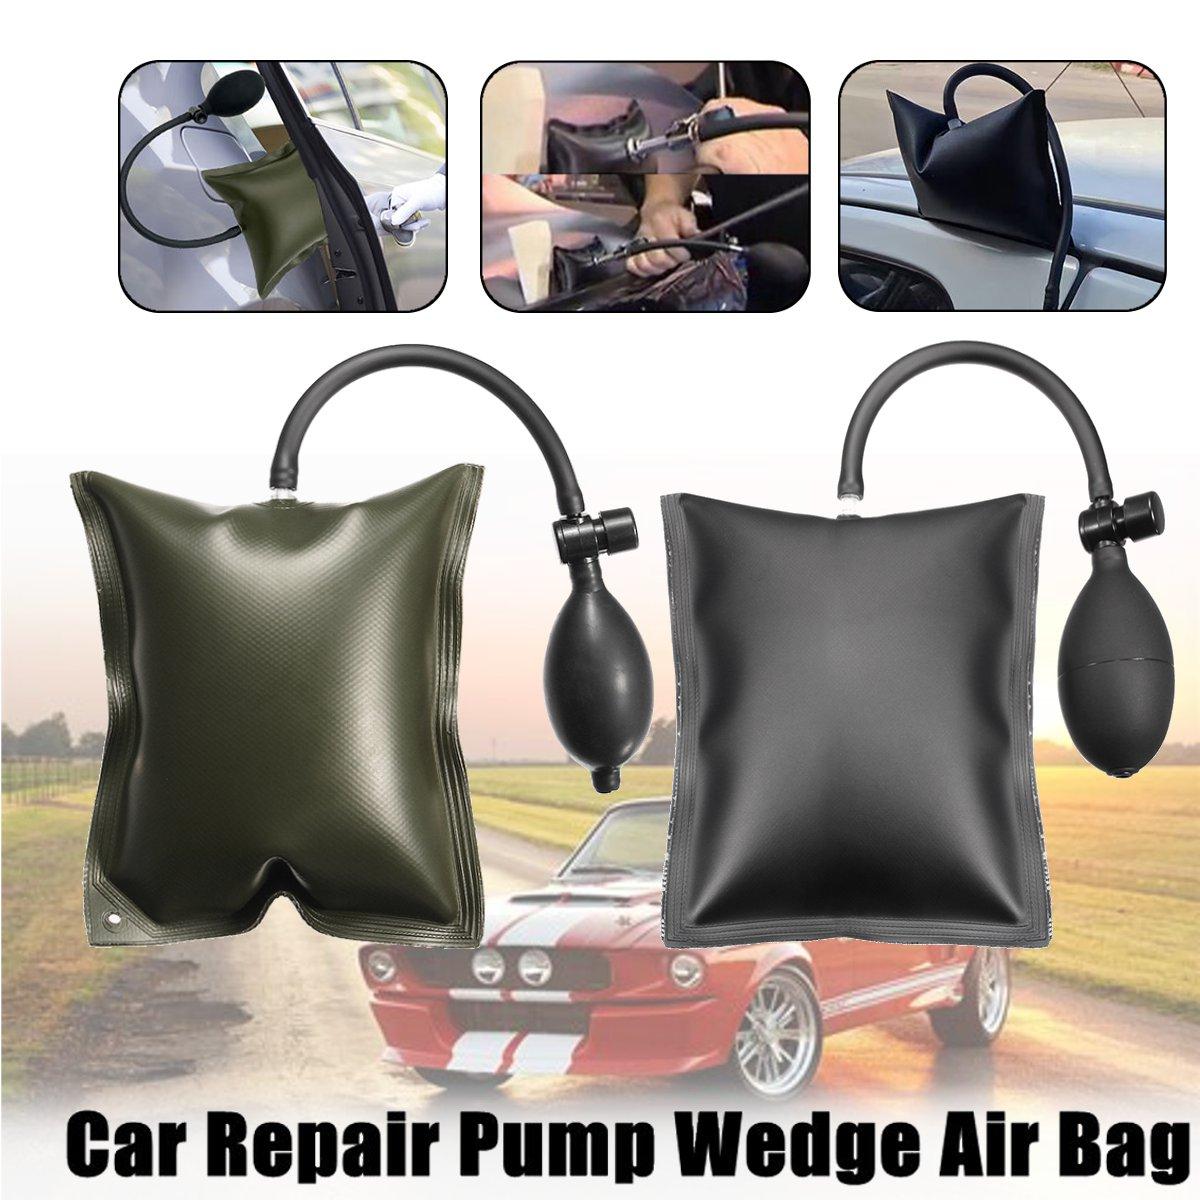 Air Pump Wedge Repair Car Window Door Key Lost Airbag Lock Out Emergency Open Unlock Pad Locksmith Tool